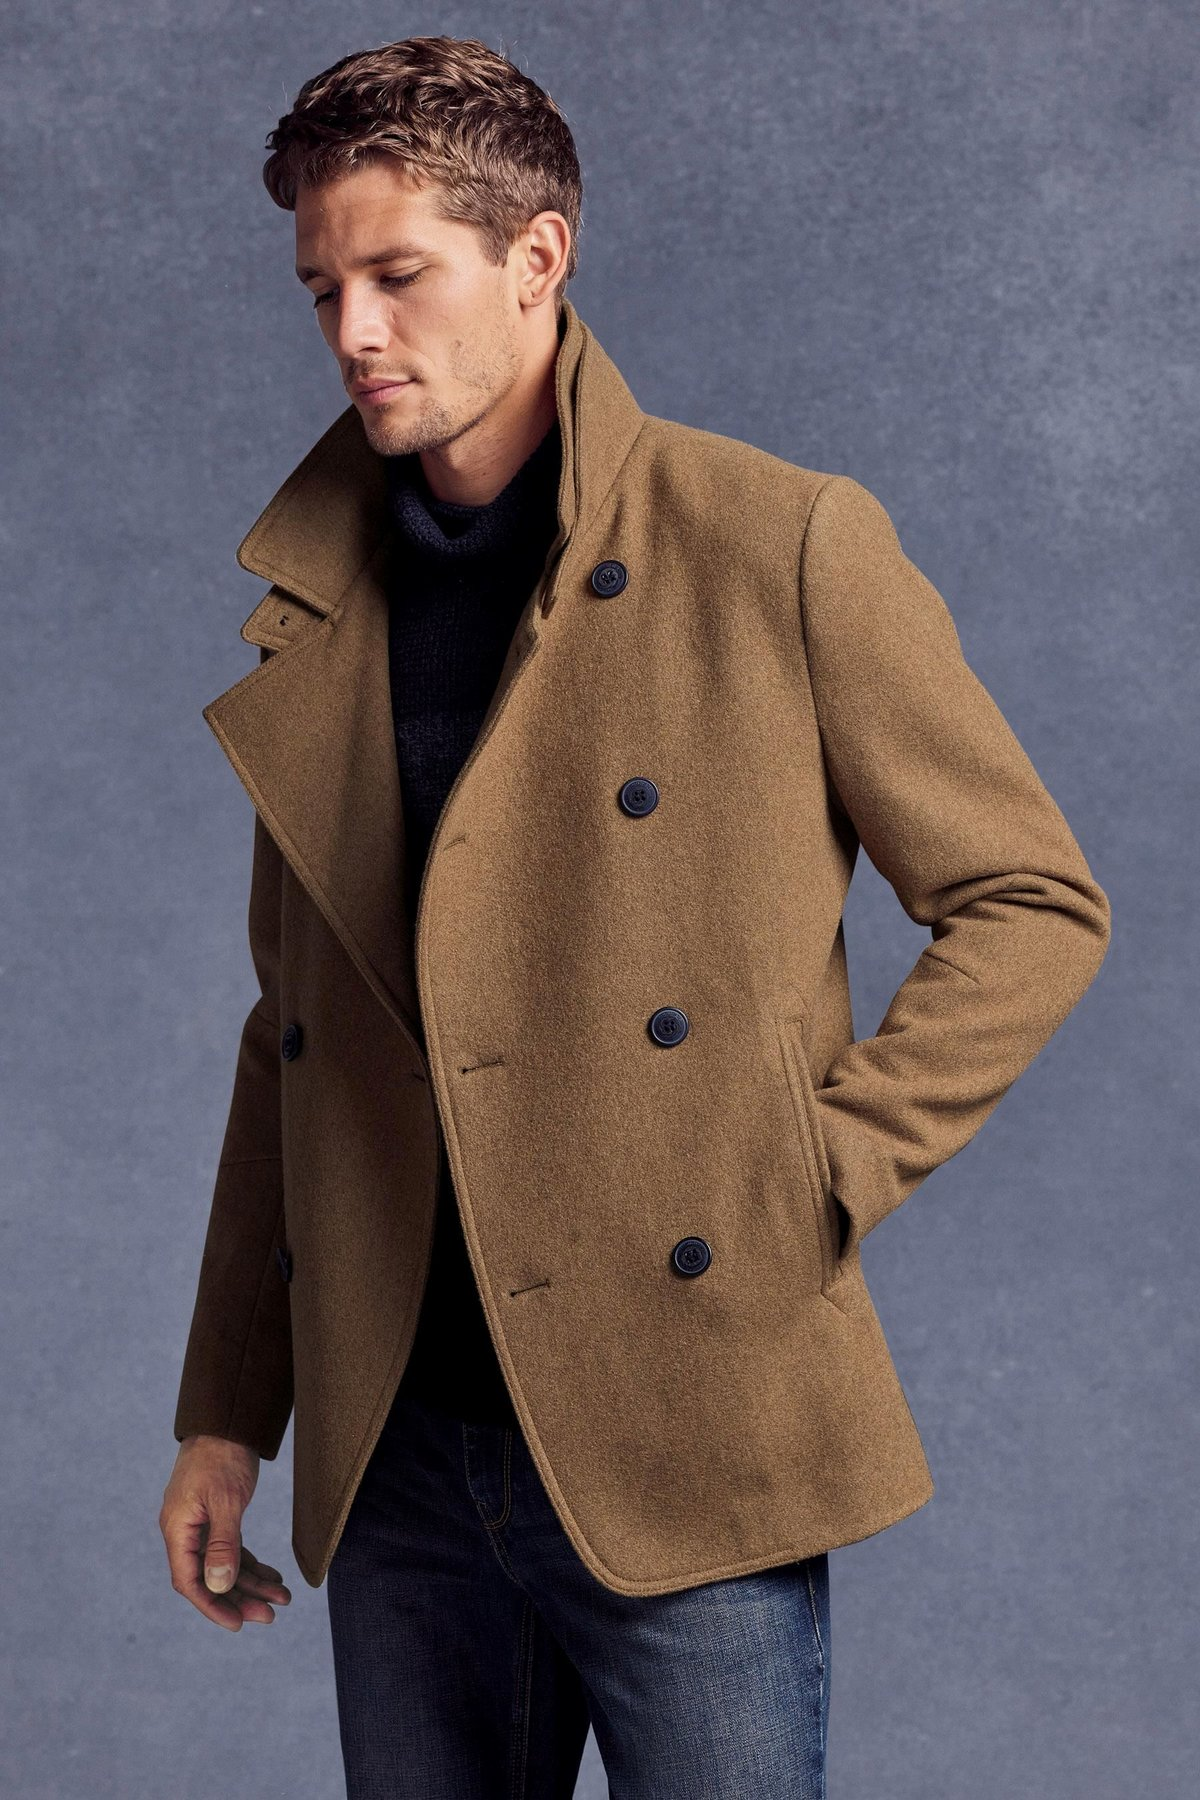 короткое пальто мужское фото начале искал информацию